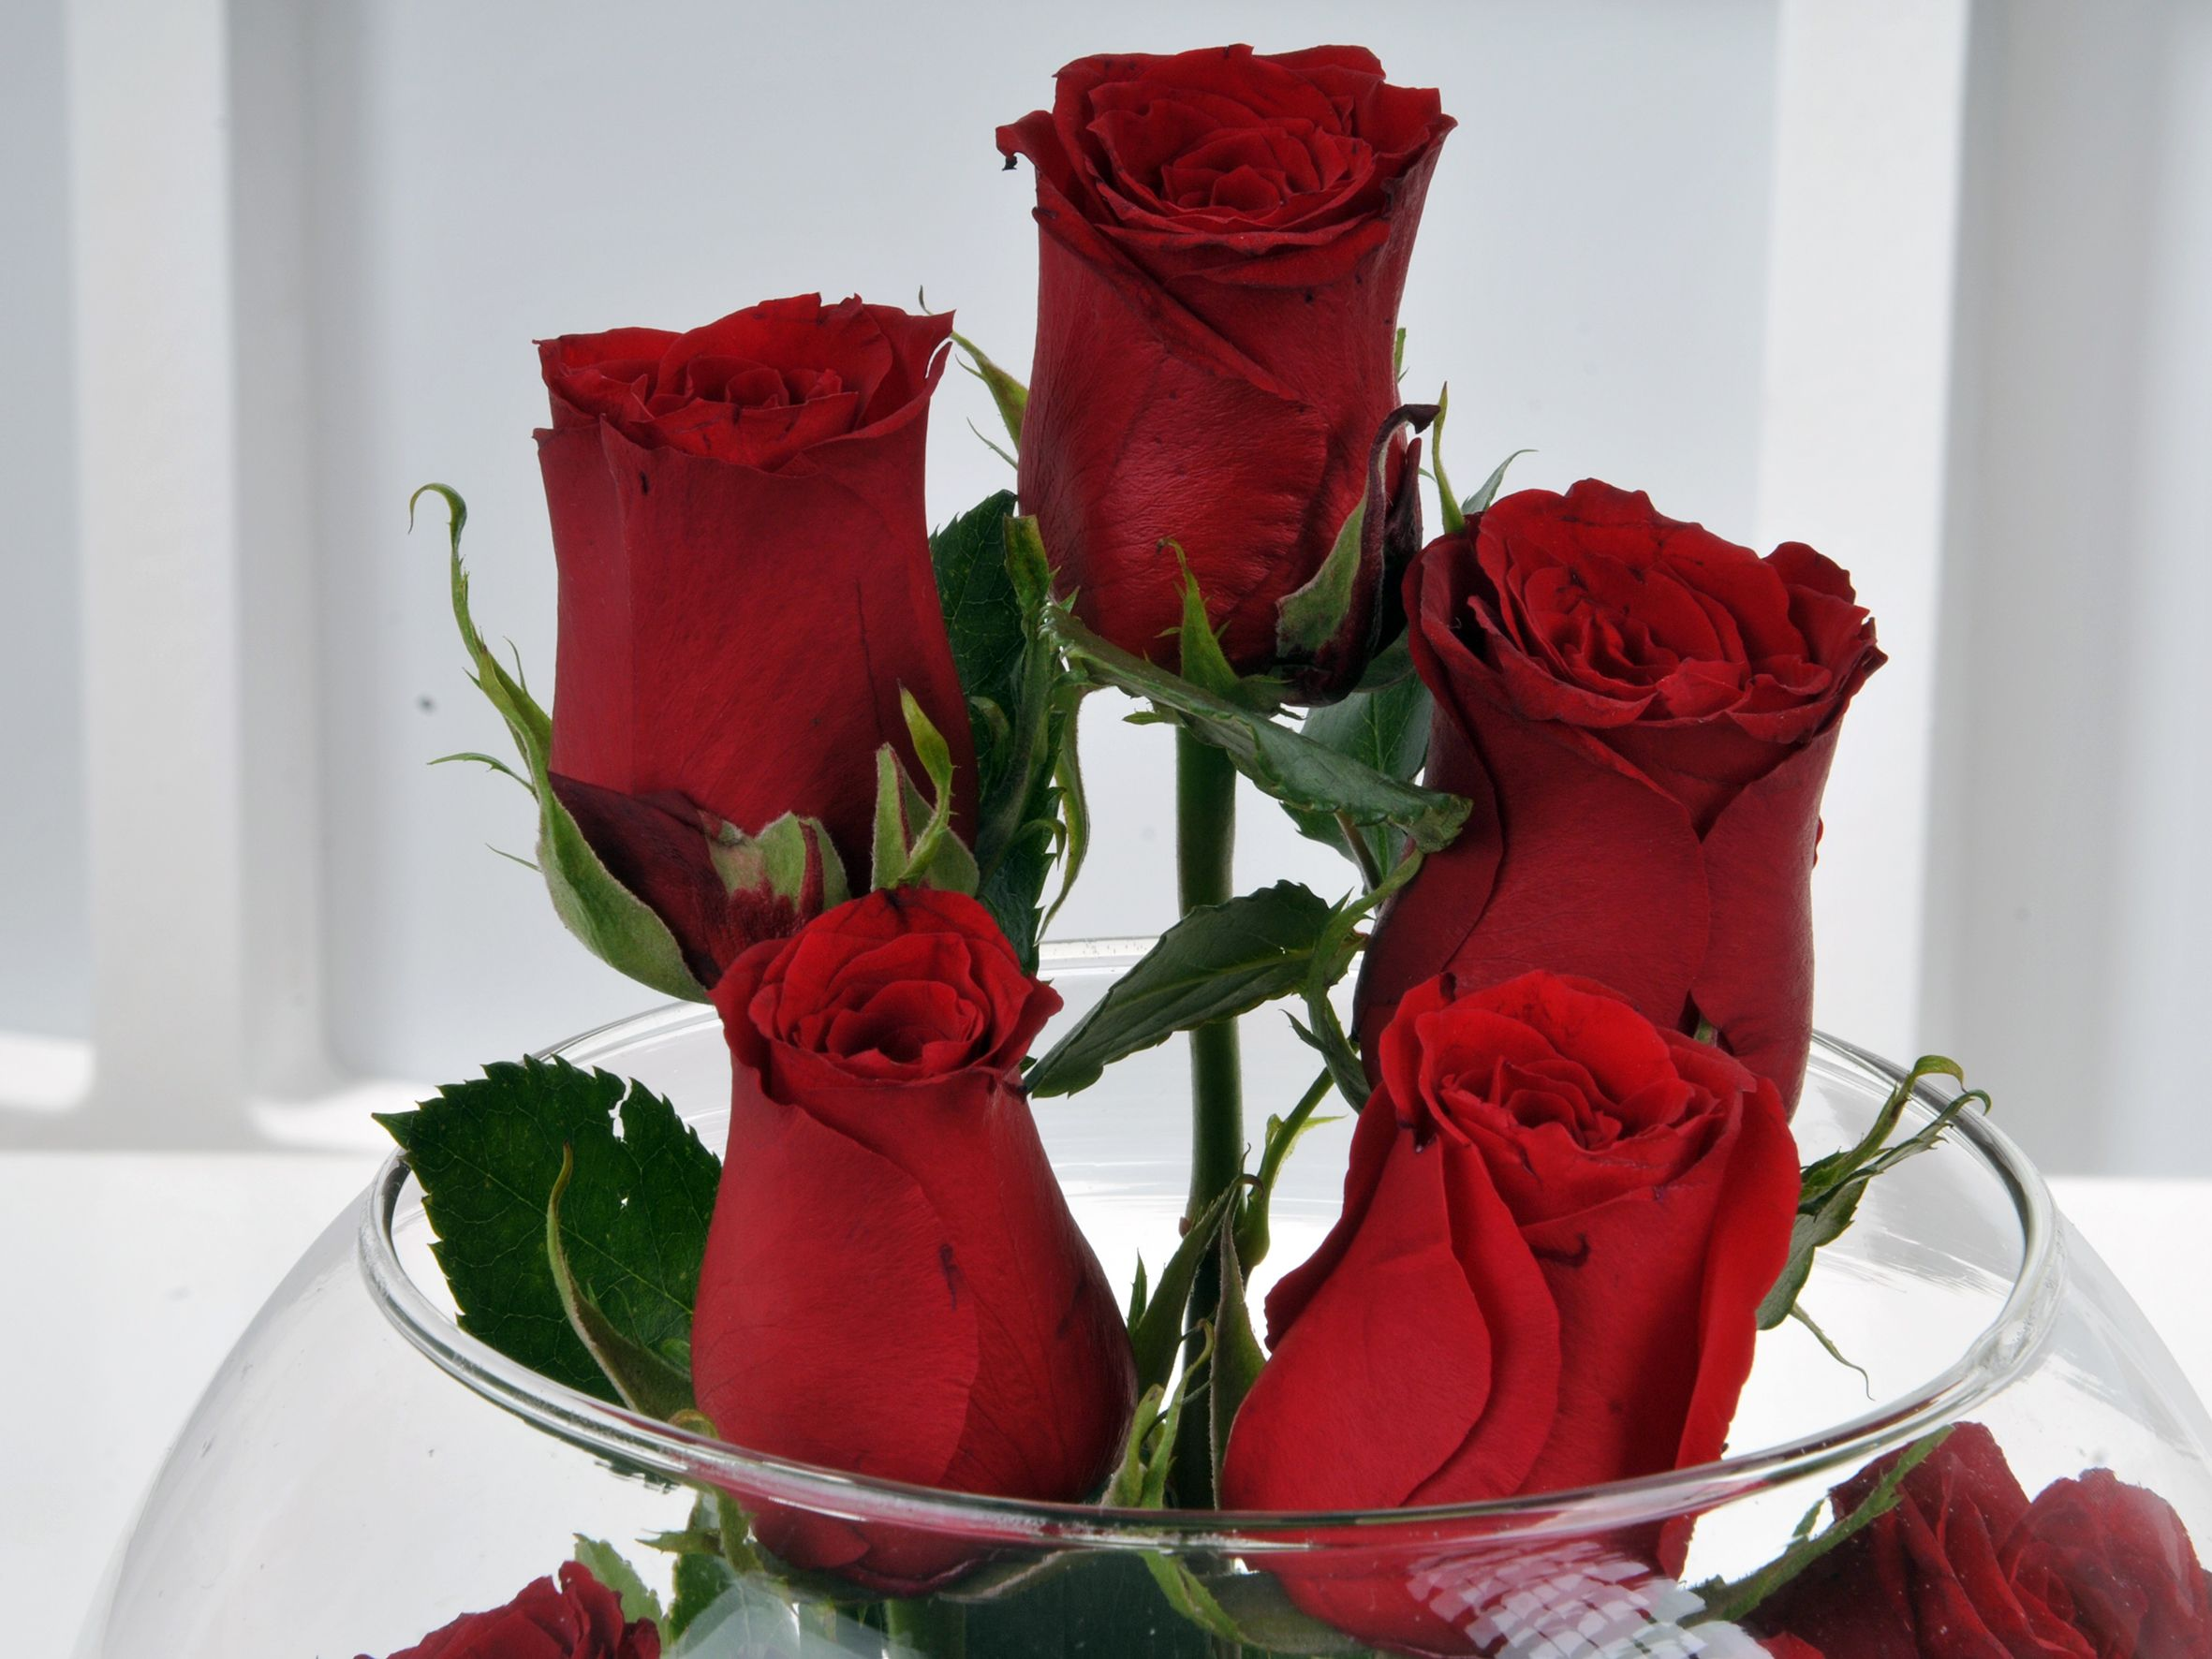 Fanusta 9 Kırmızı Gül Aranjmanı Aranjmanlar çiçek gönder